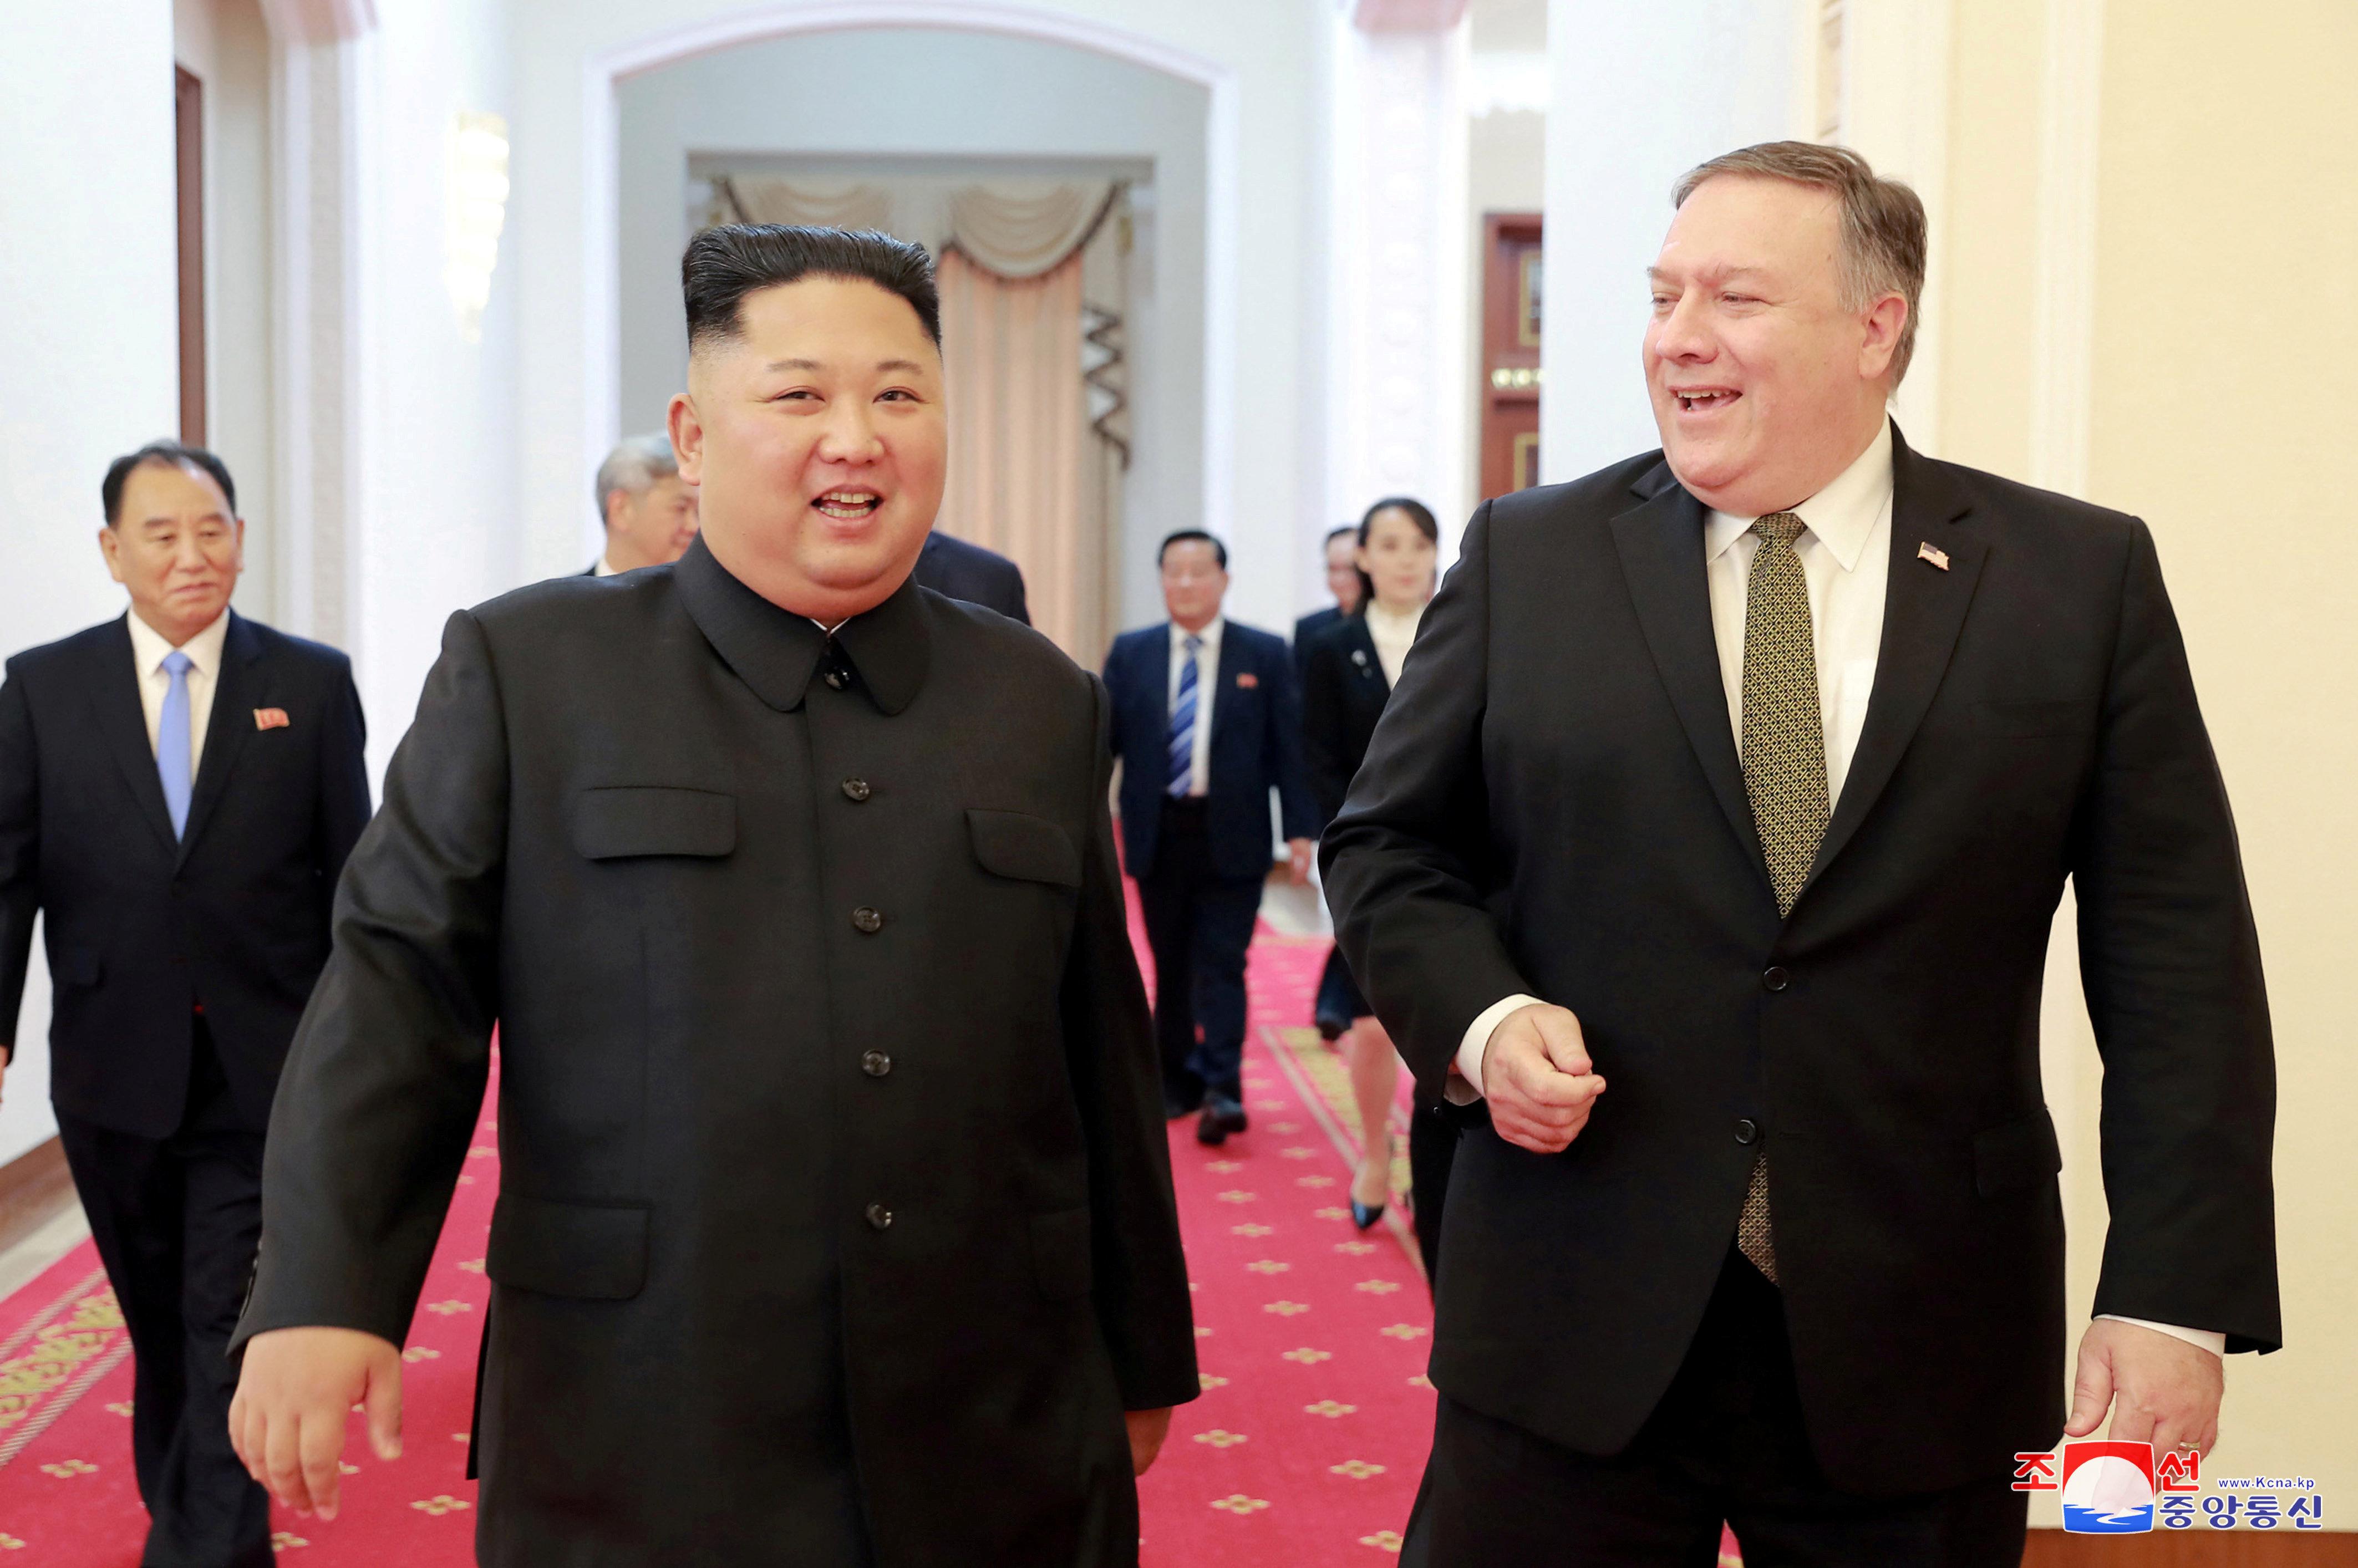 비핵화 과정 8개월, 북한도 남는 장사